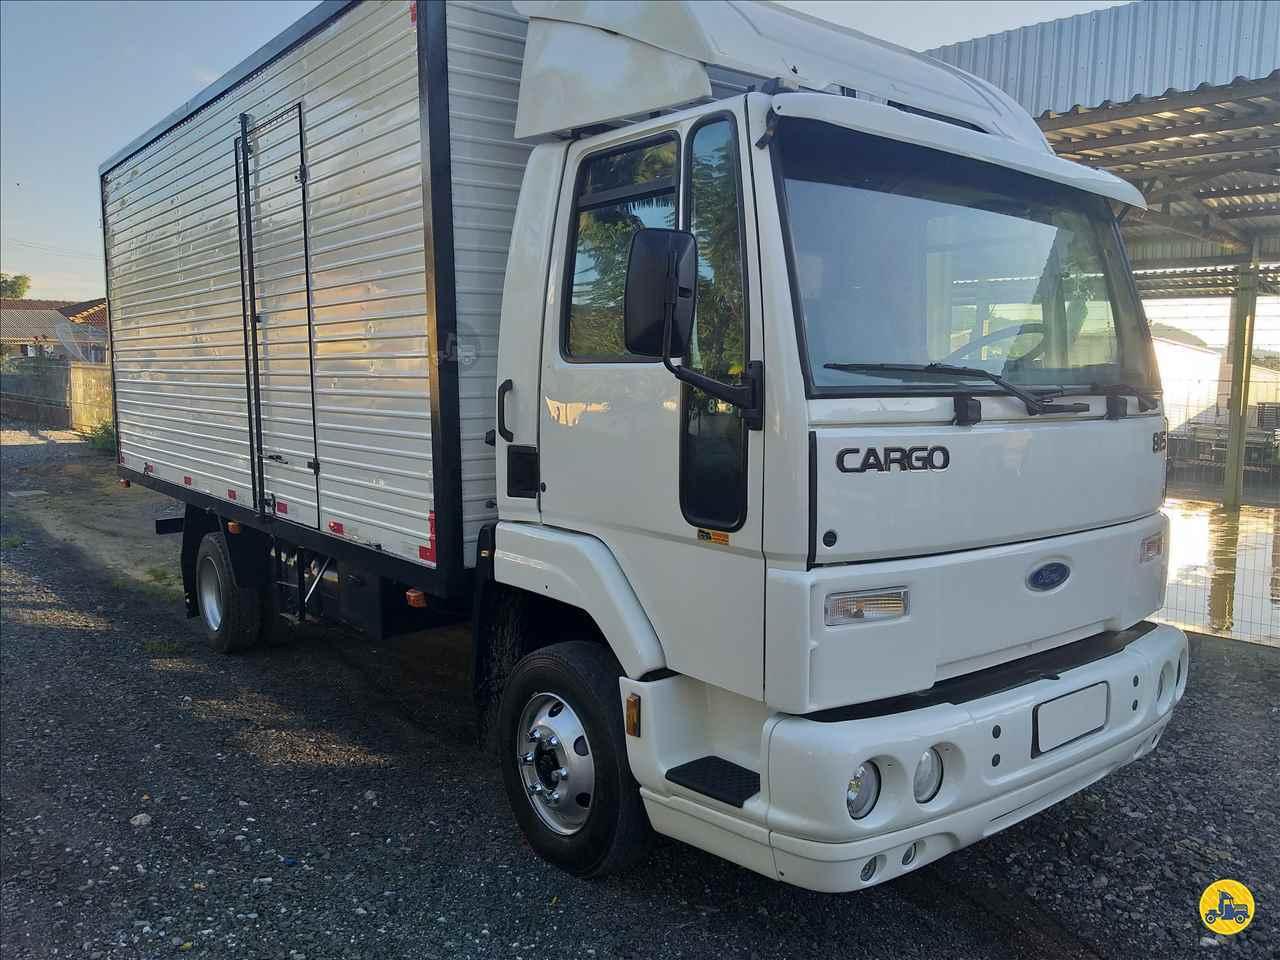 CARGO 815 de Schroeder Caminhões - ITUPORANGA/SC